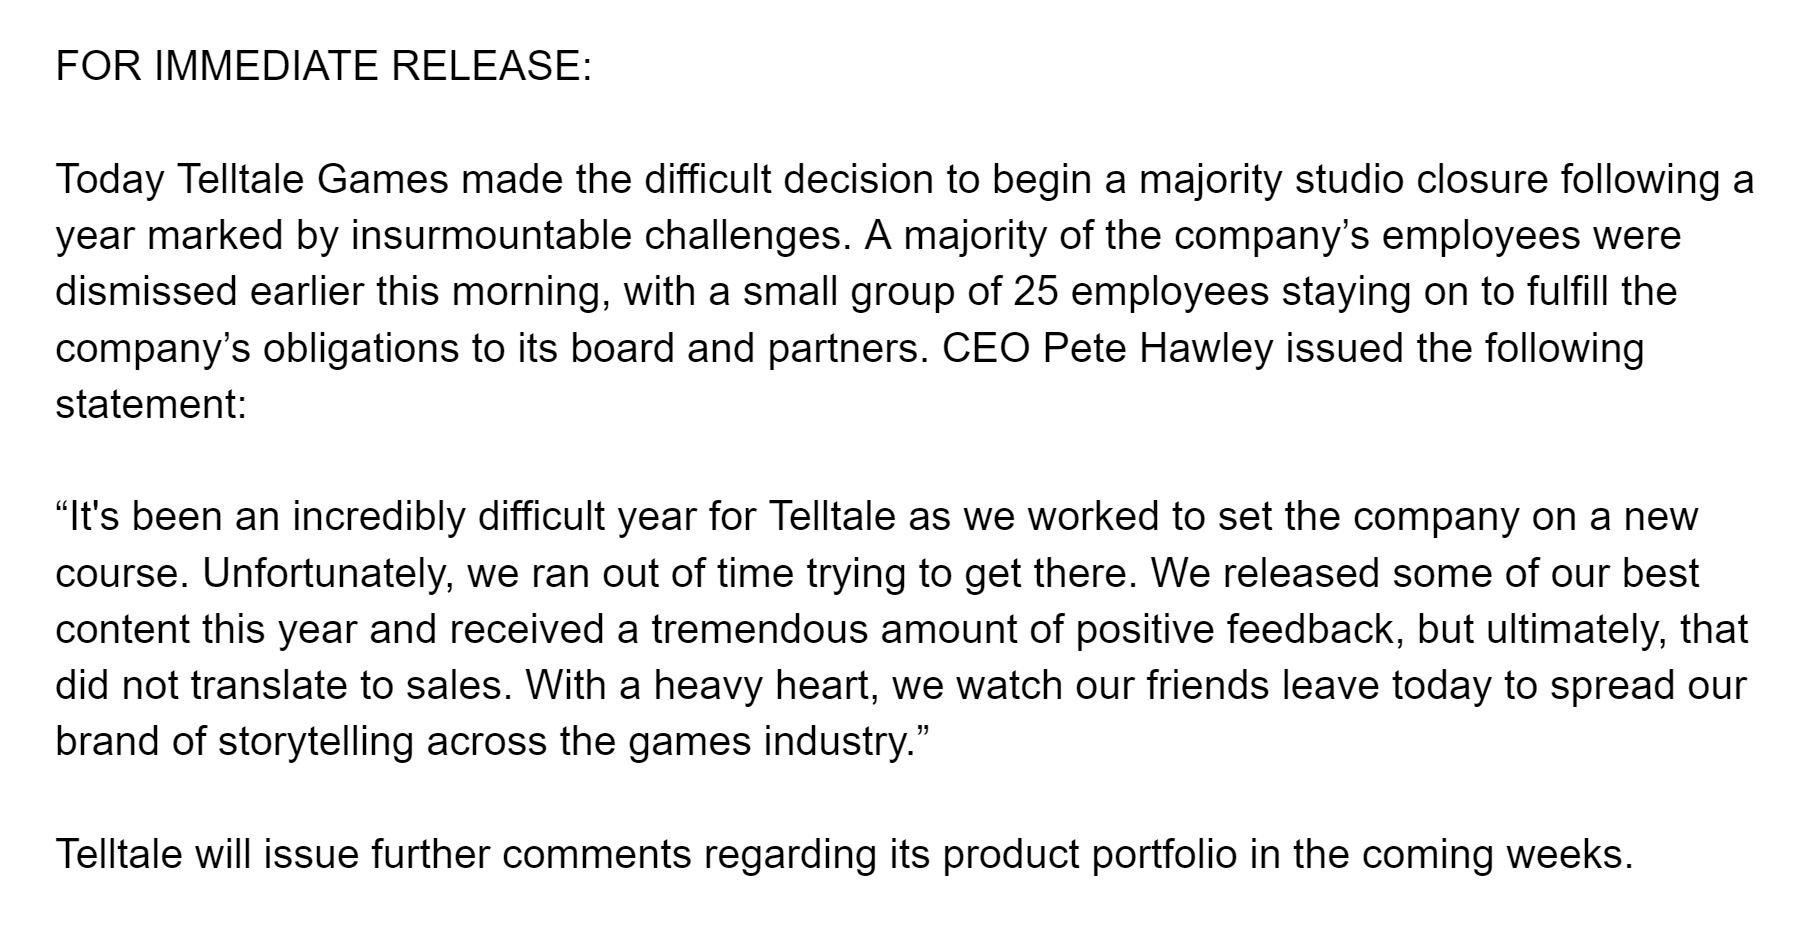 Telltale Games сообщила о банкротстве и закрытии. Нет, это не шутка.